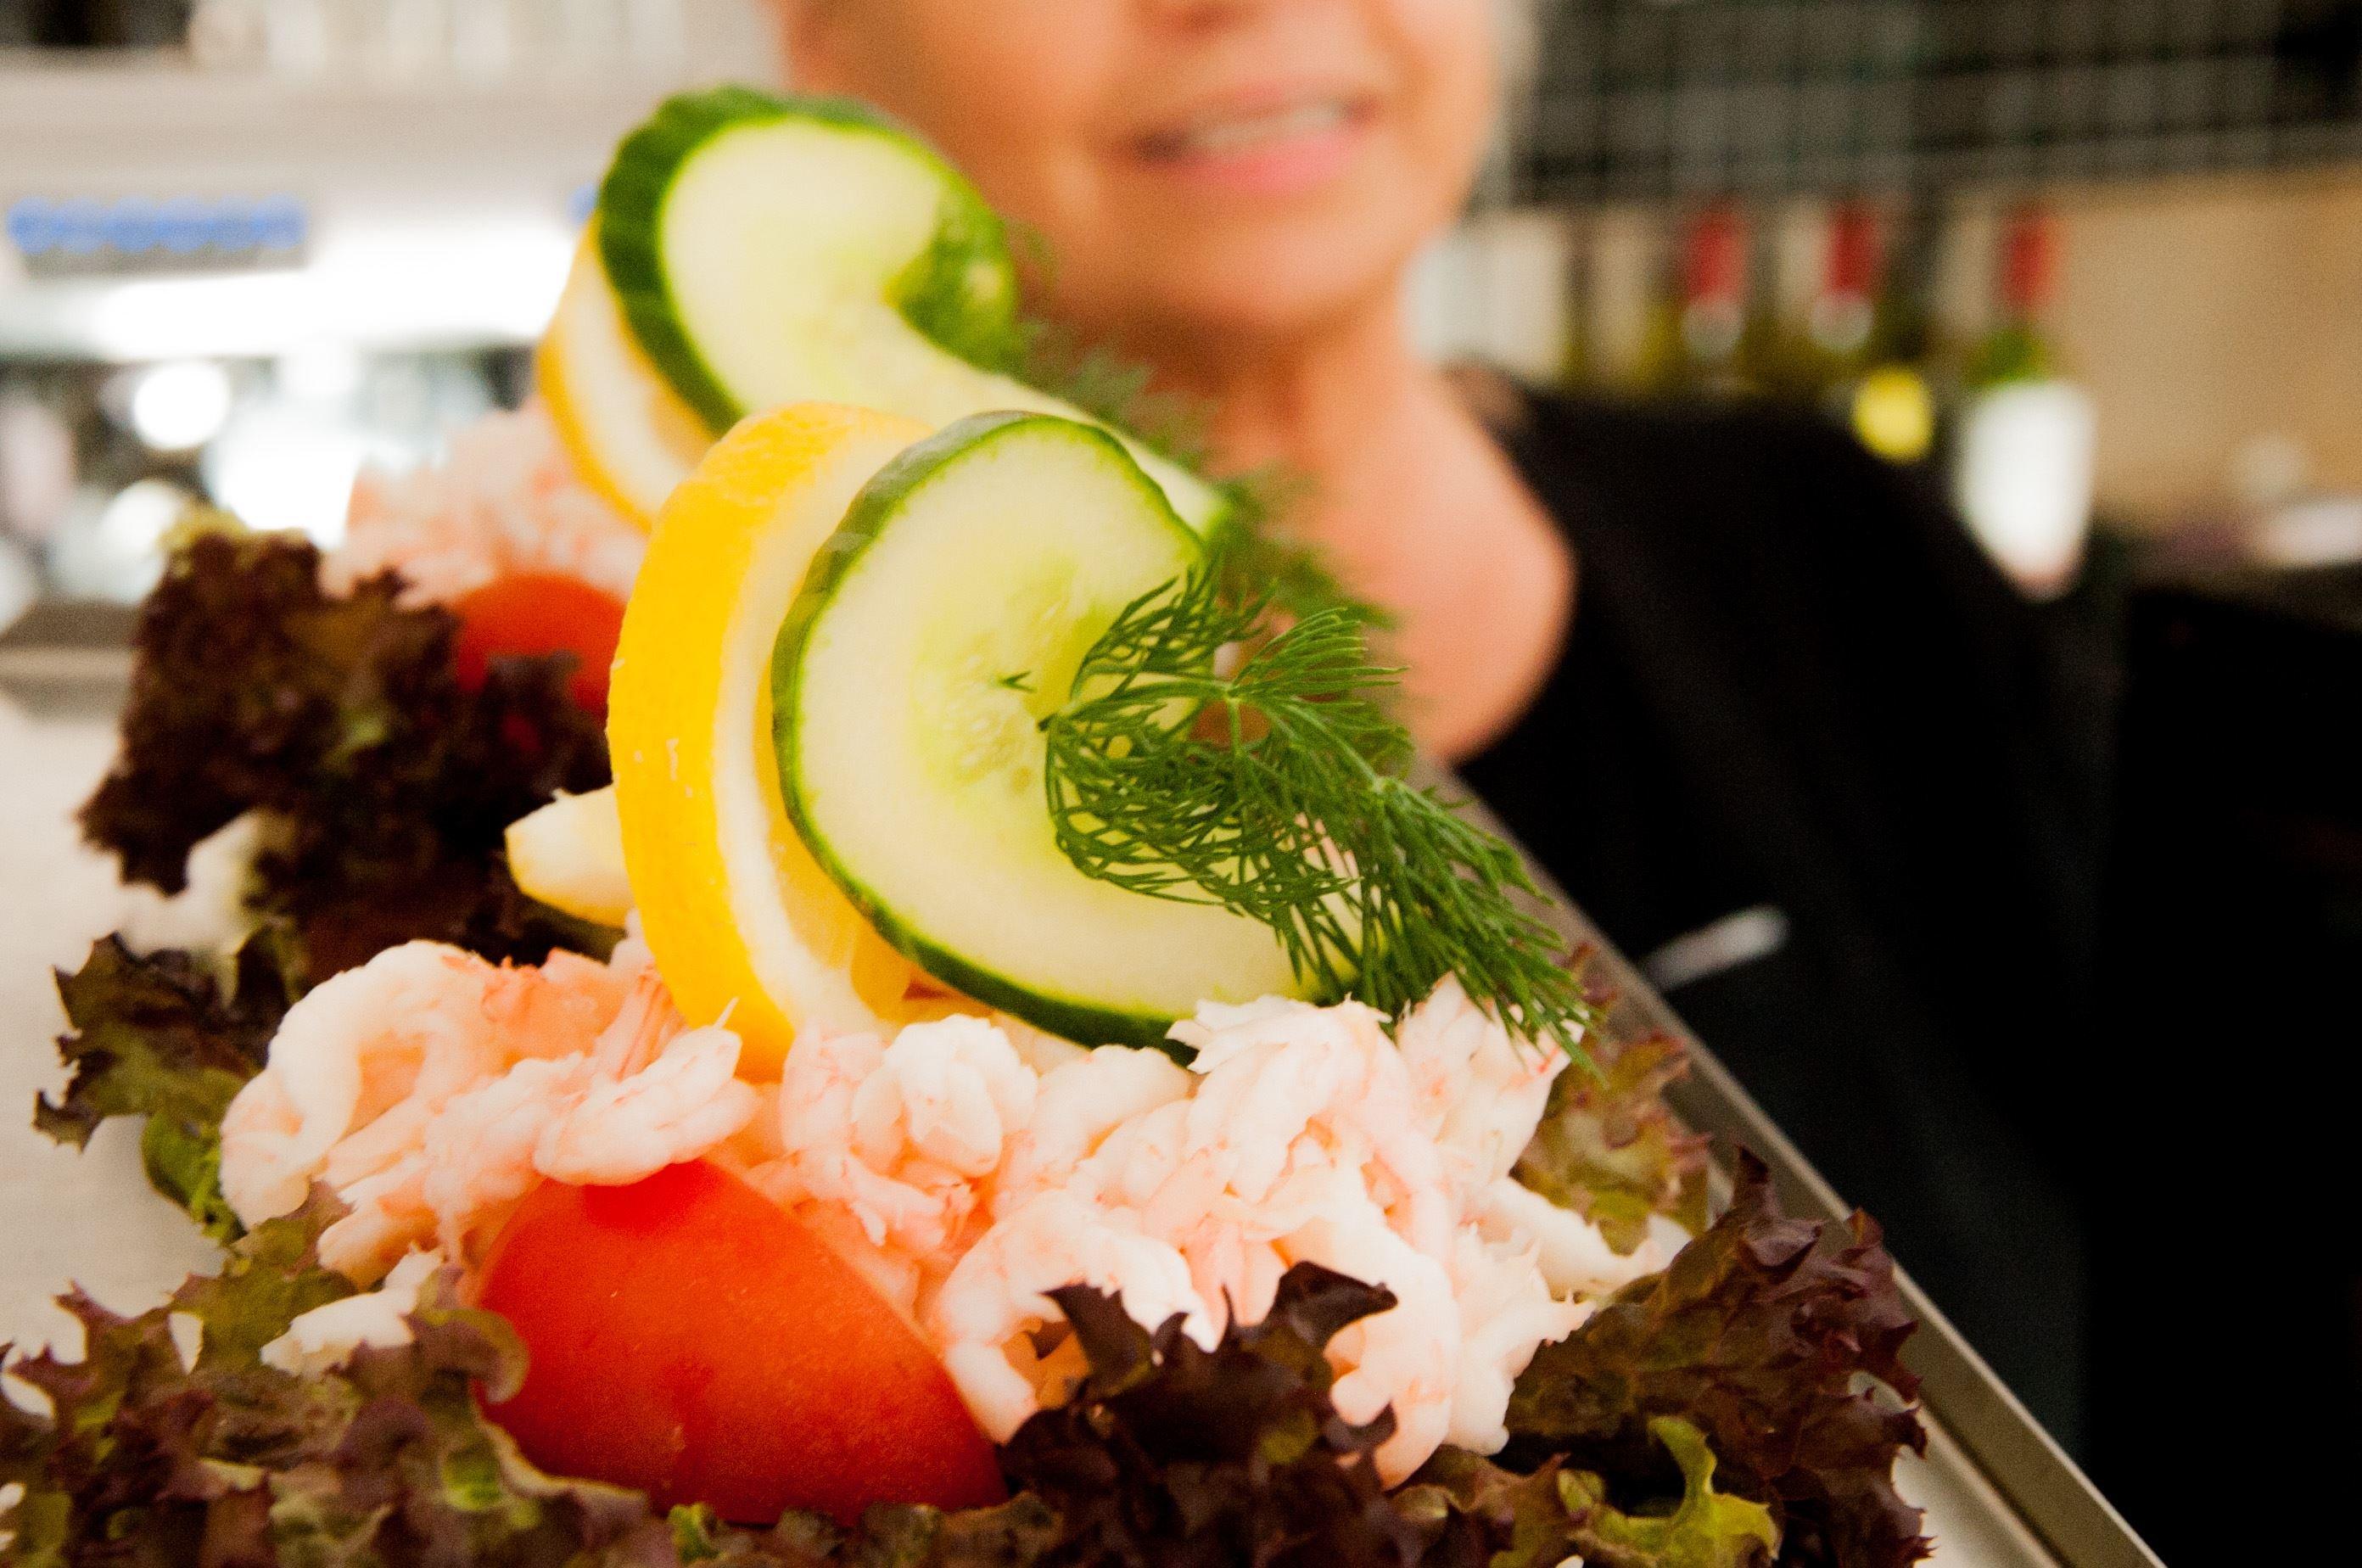 Linda Sjunnesson,  © Visit Blekinge, Renates bakery and restaurant AB